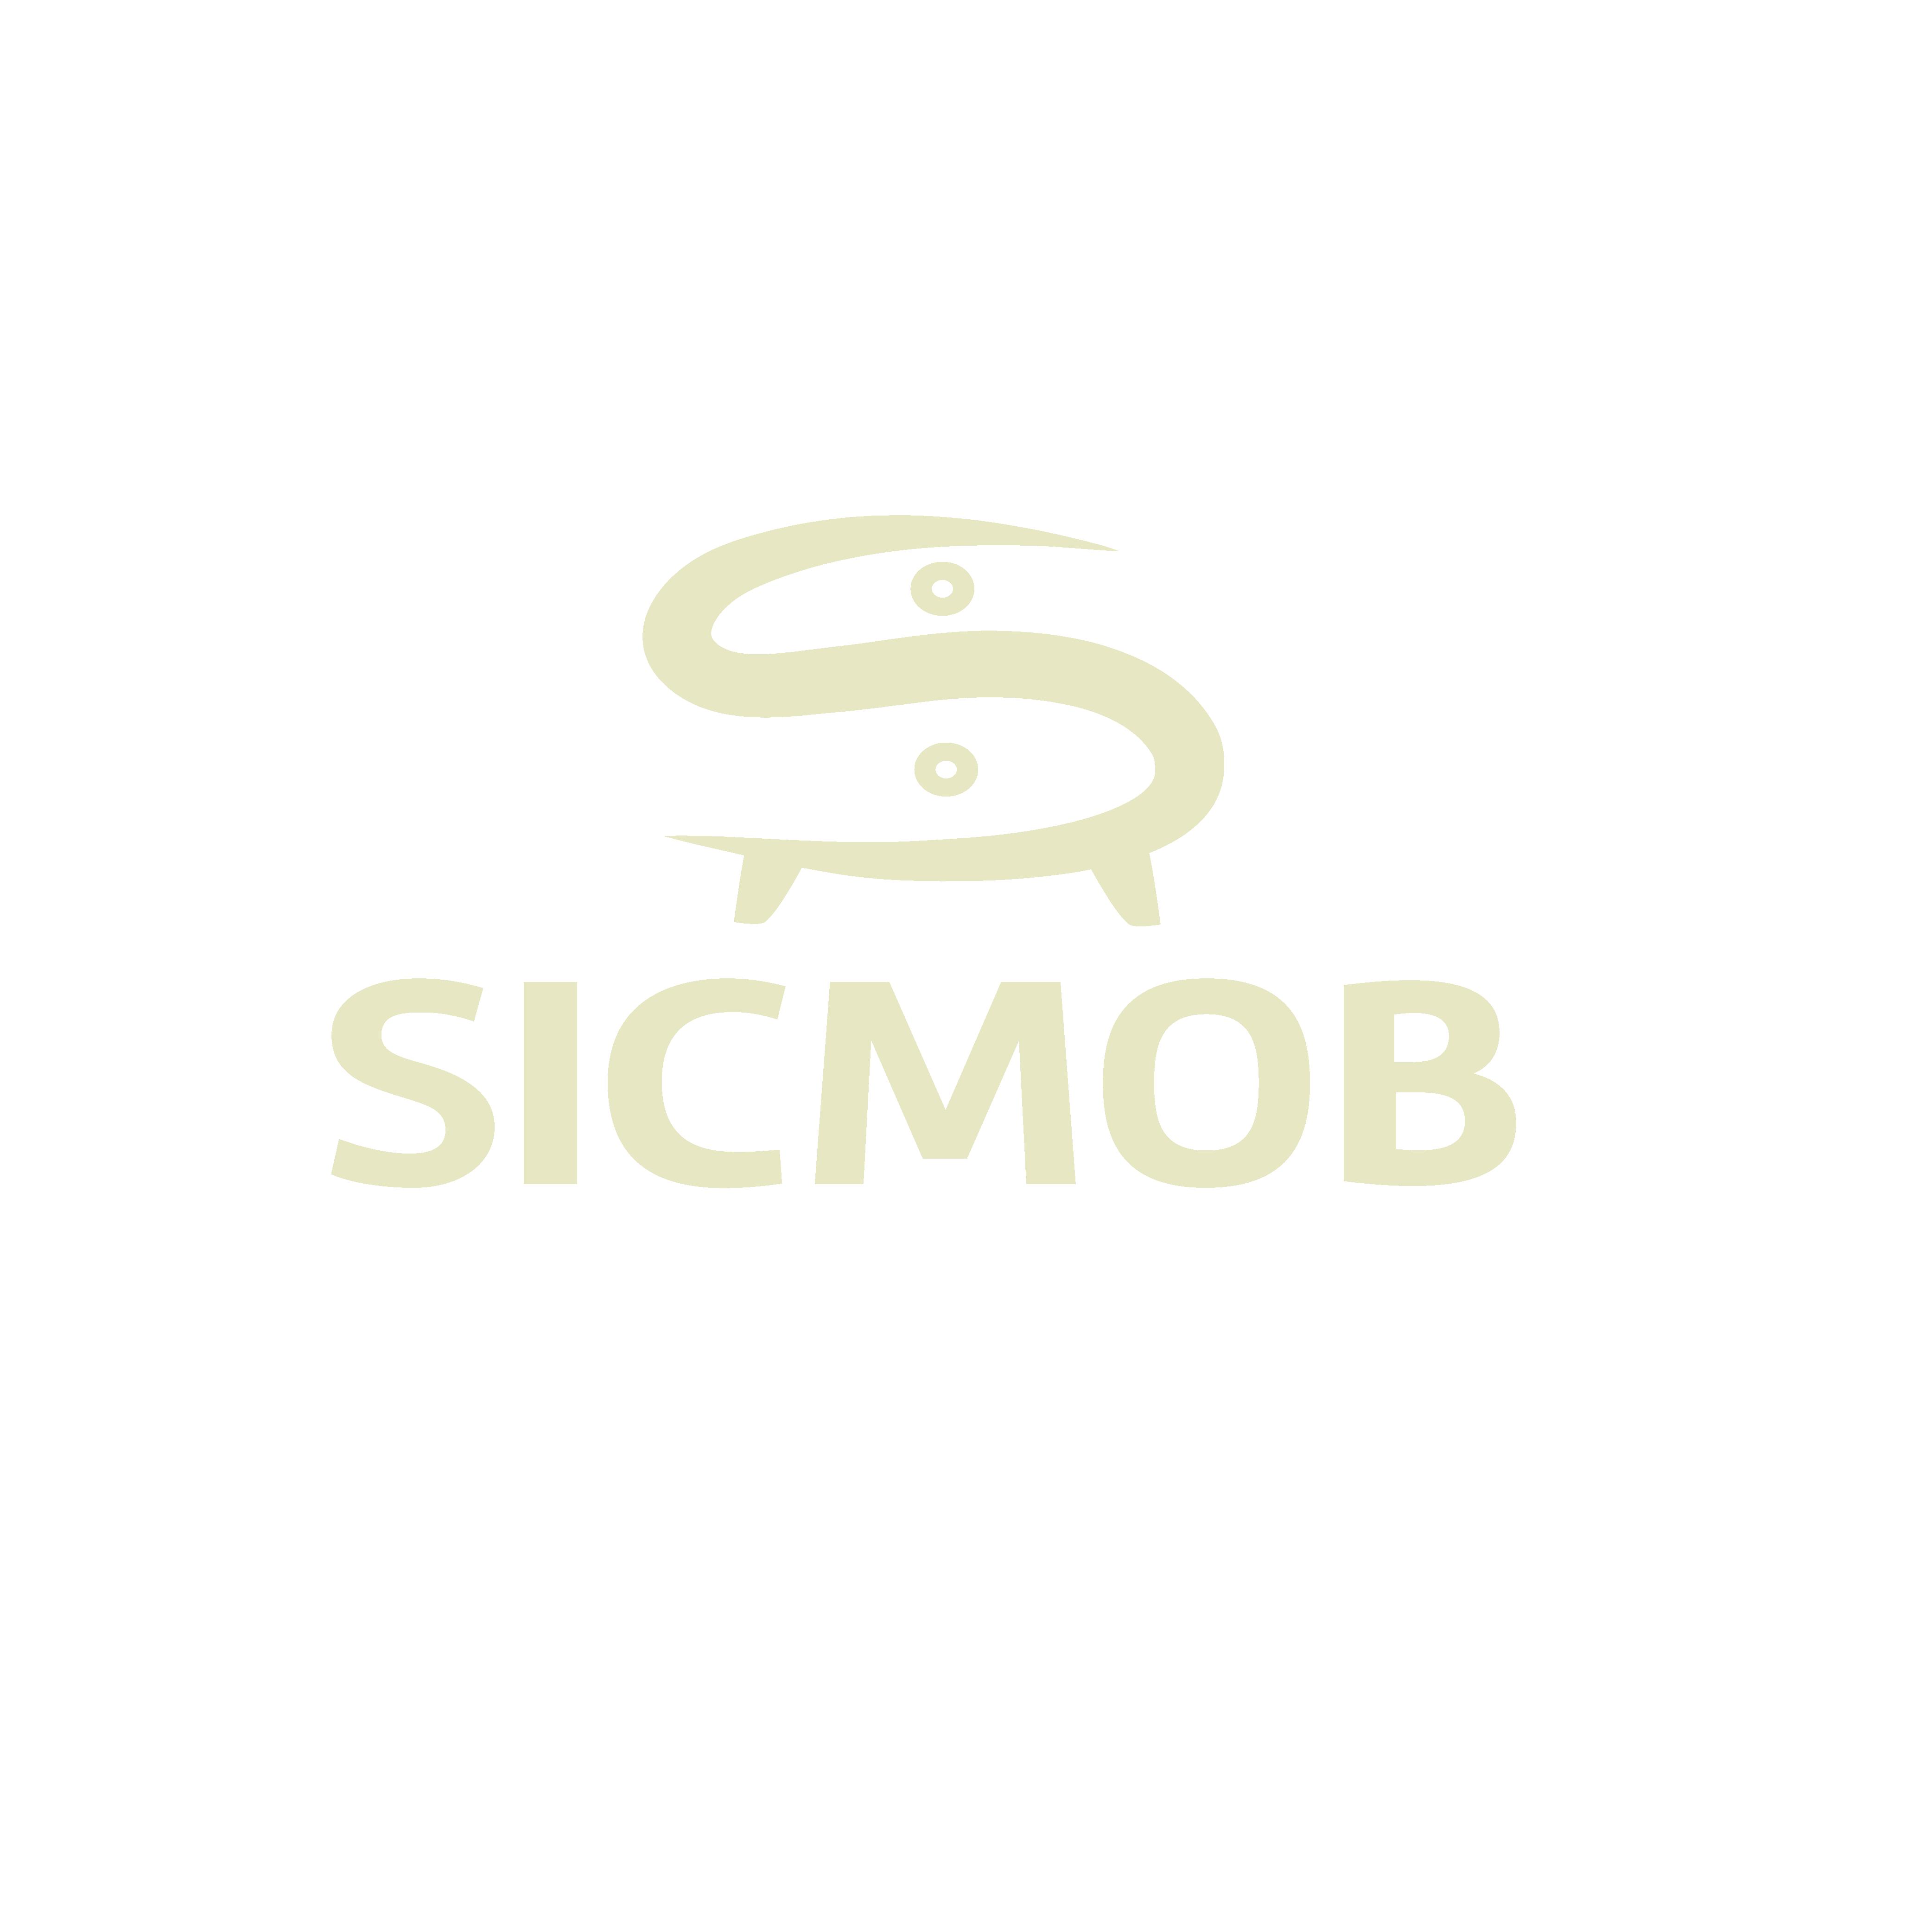 sicmob